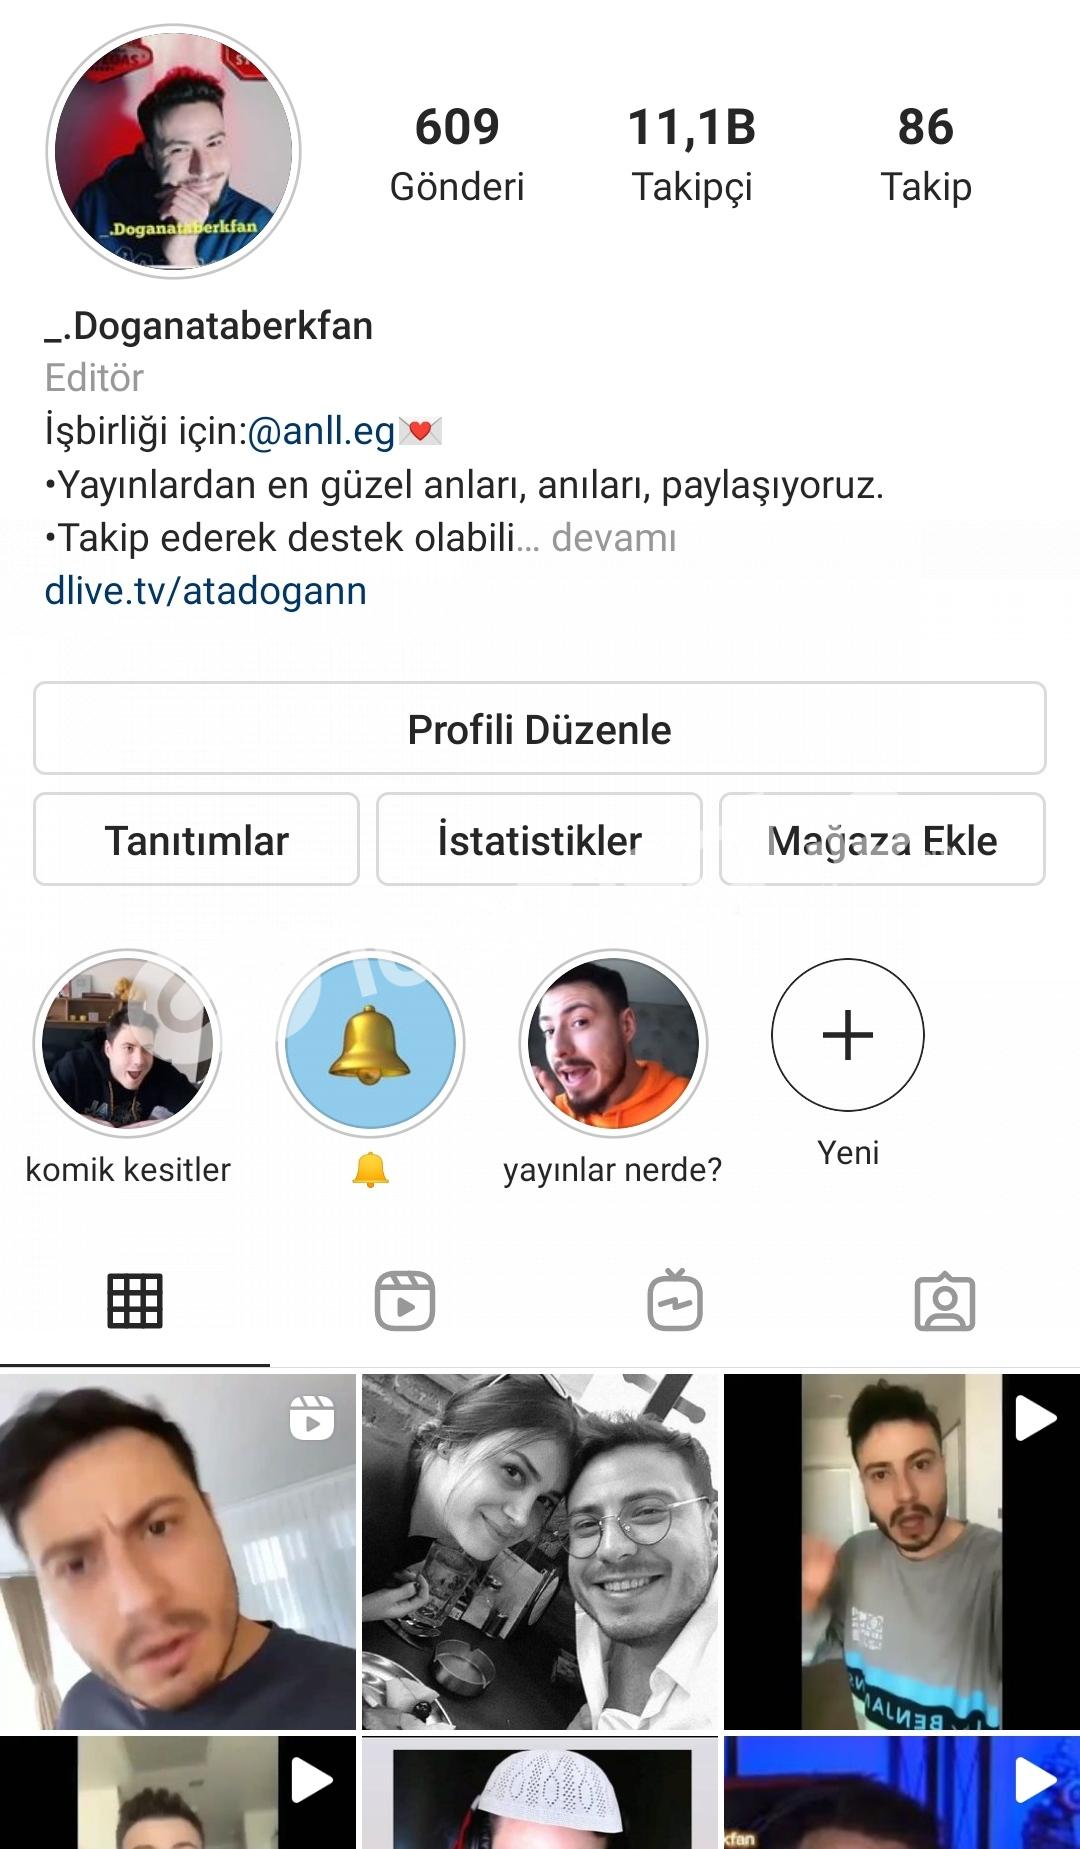 11k takipçili Instagram hesap 1tane bile bot yok